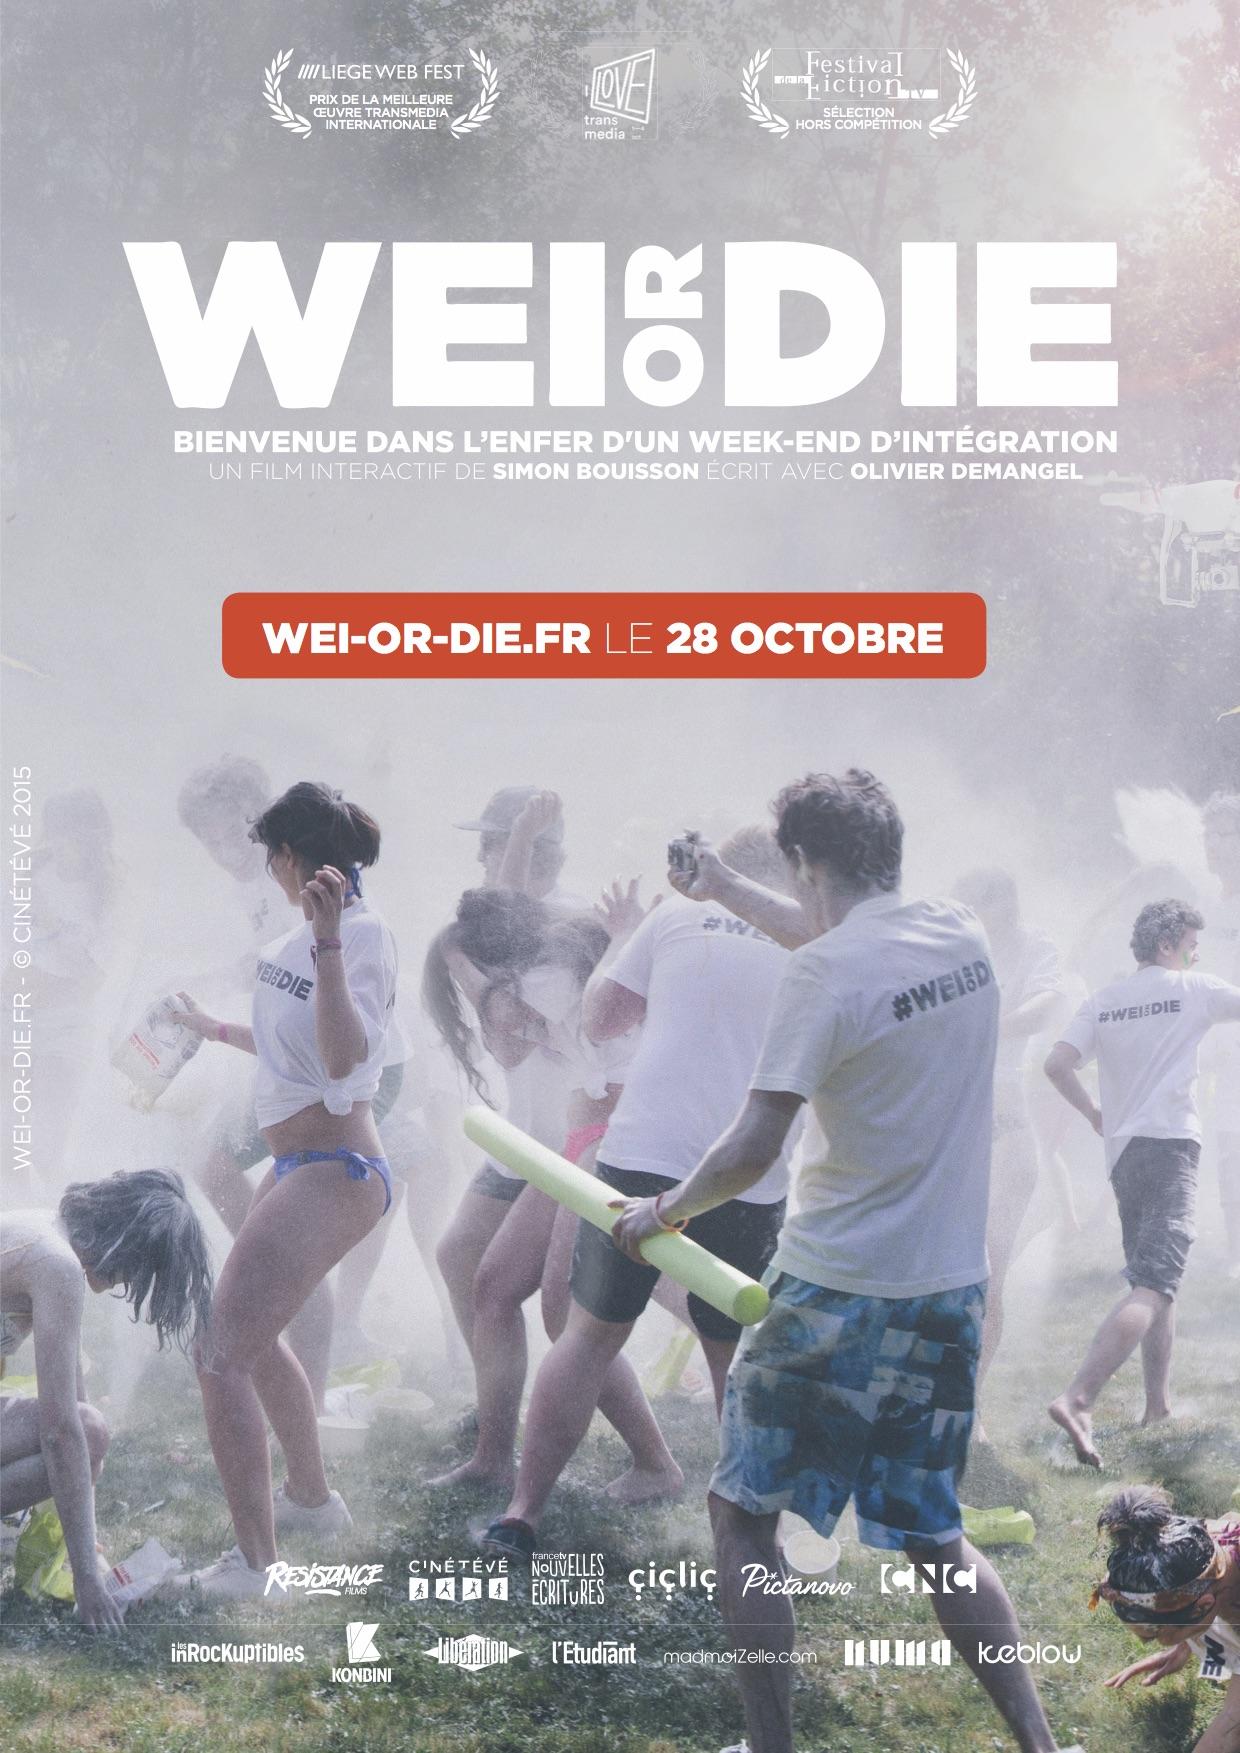 WeiorDie-affiche